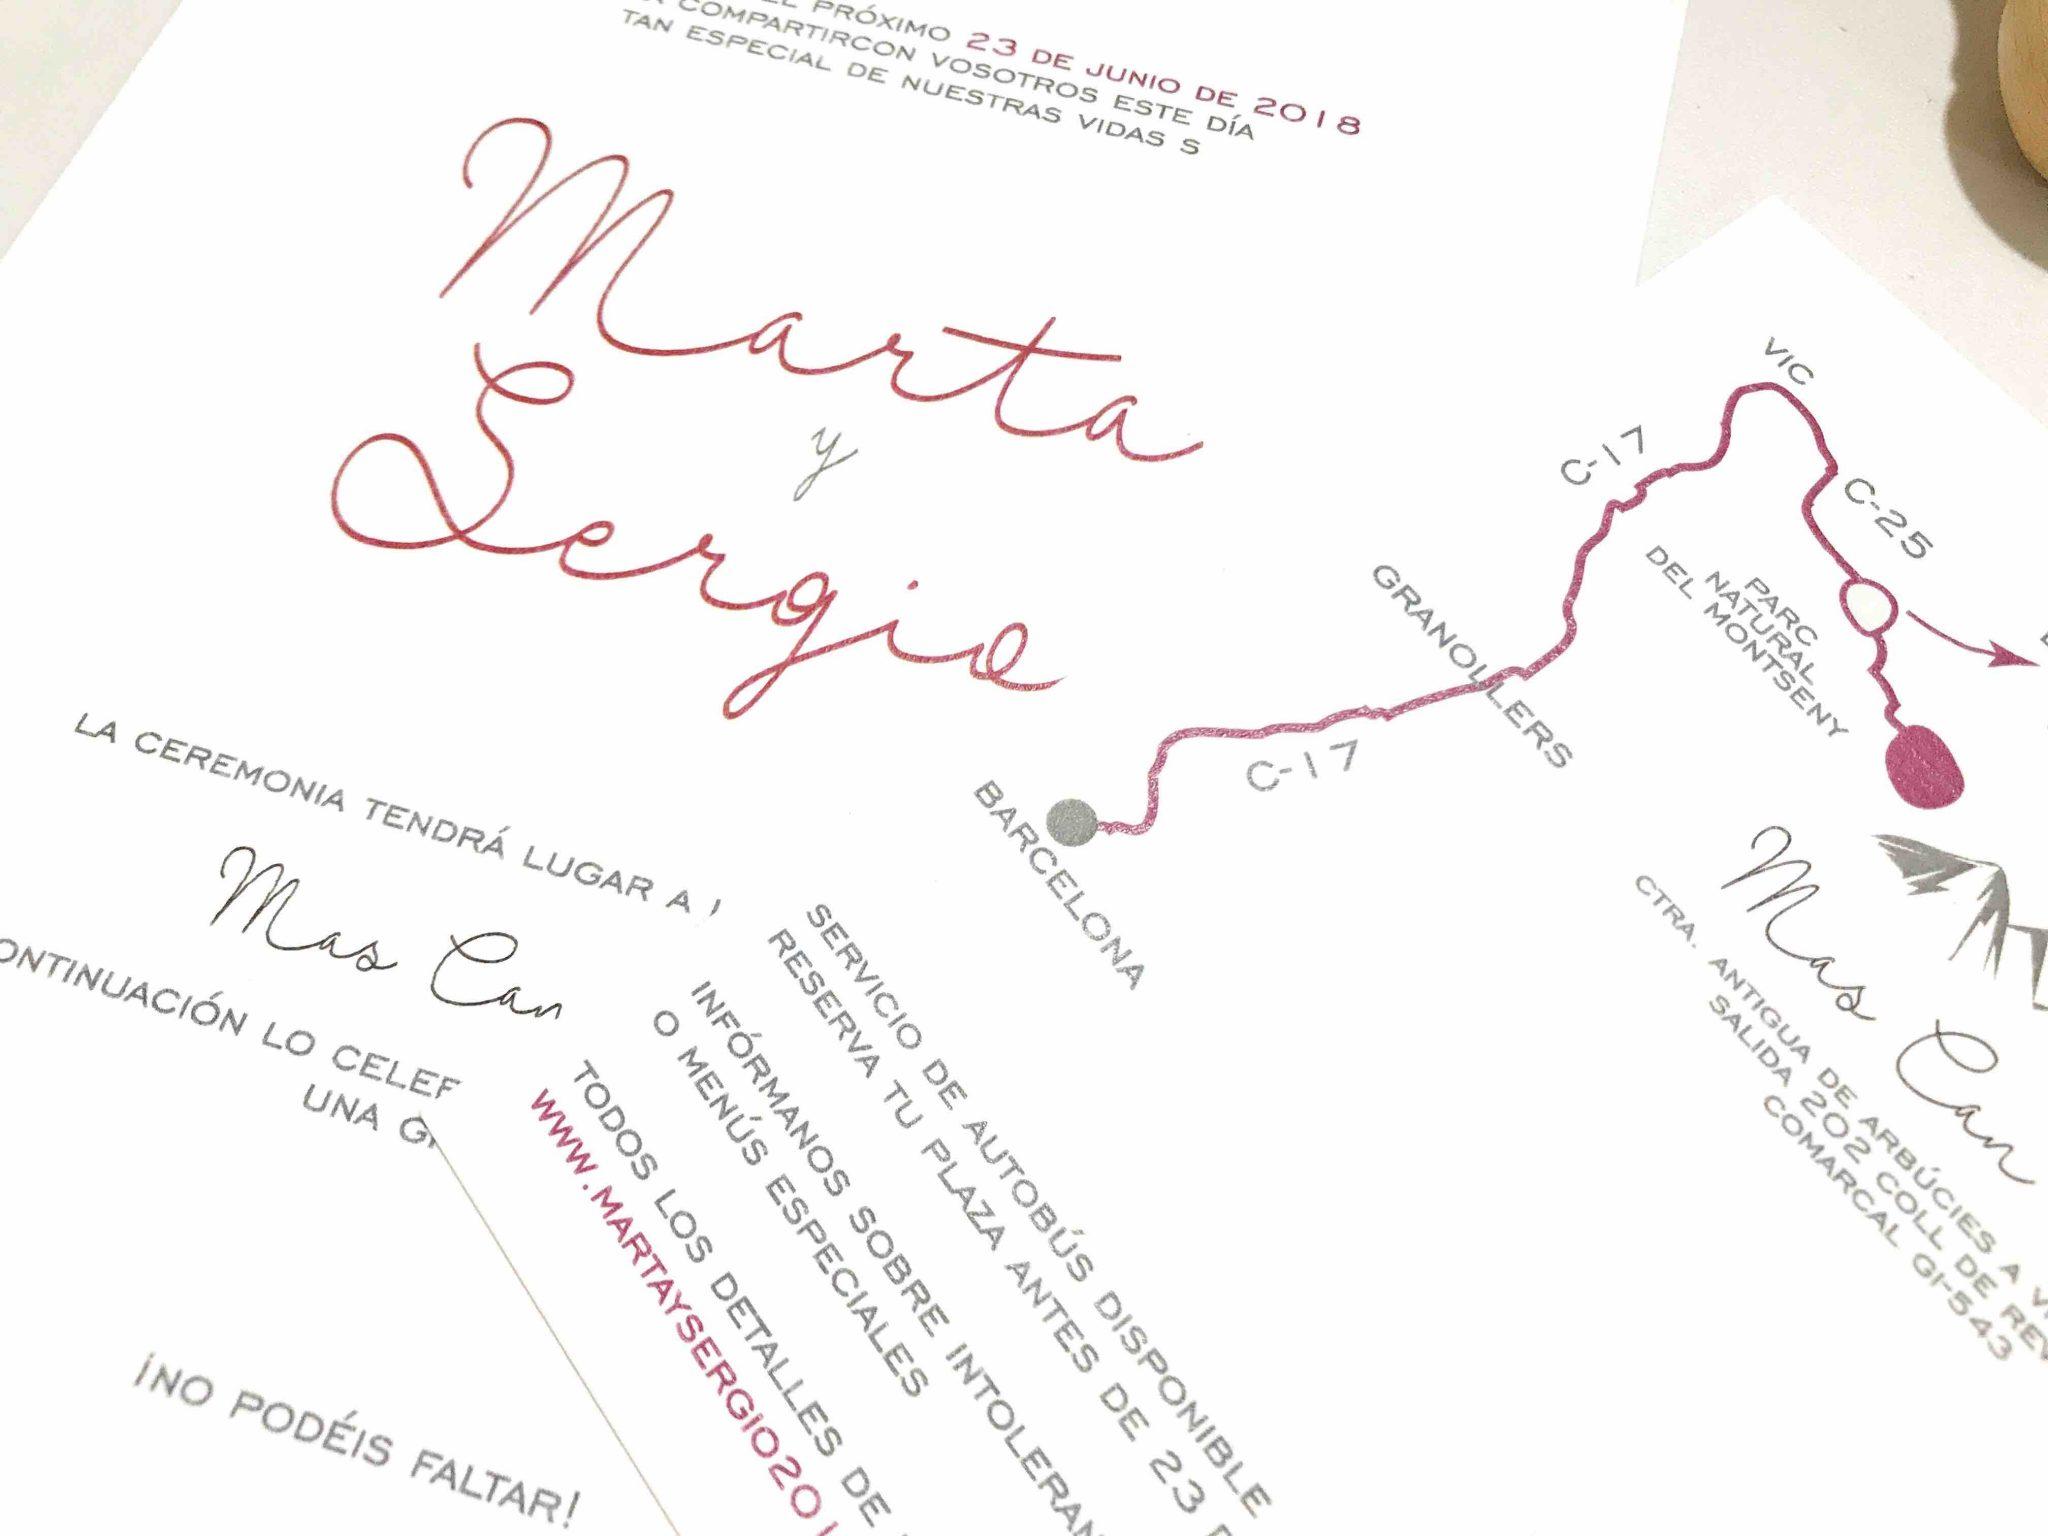 invitacion de boda sencilla y elegante detalle